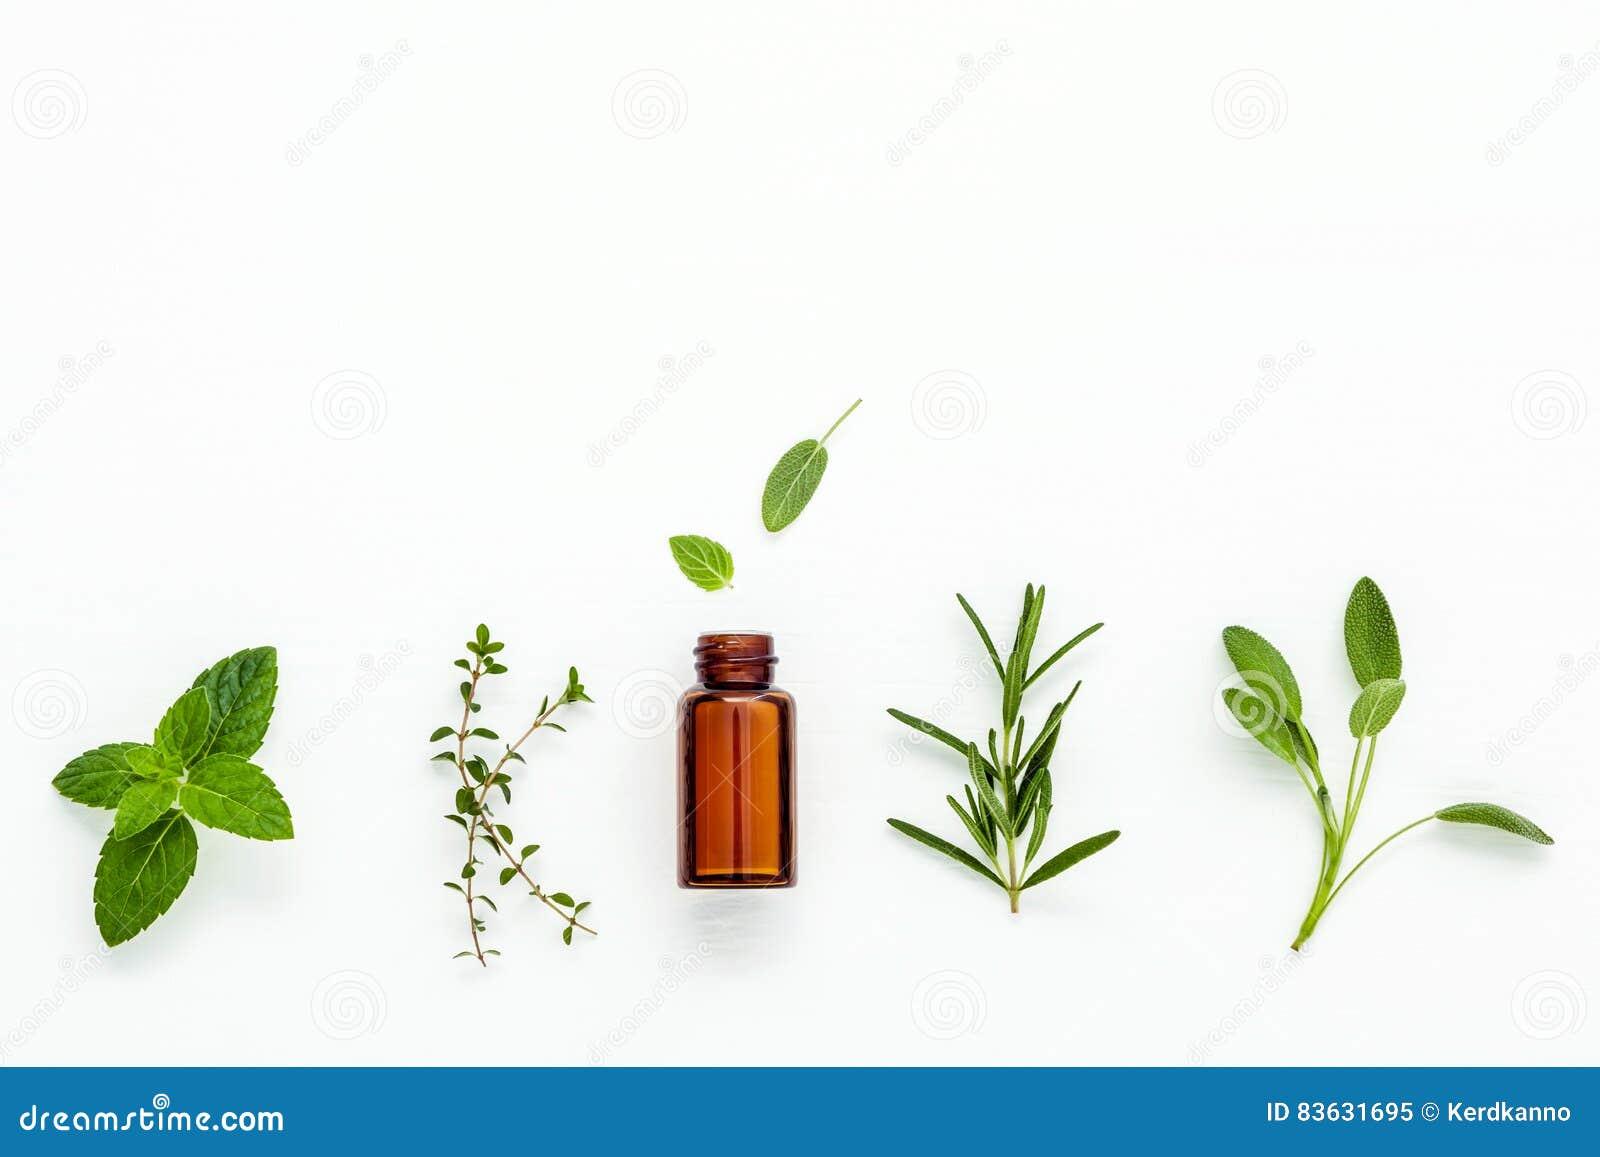 Flasche ätherisches Öl mit frischem Kräutersalbei, Rosmarin, Zitrone